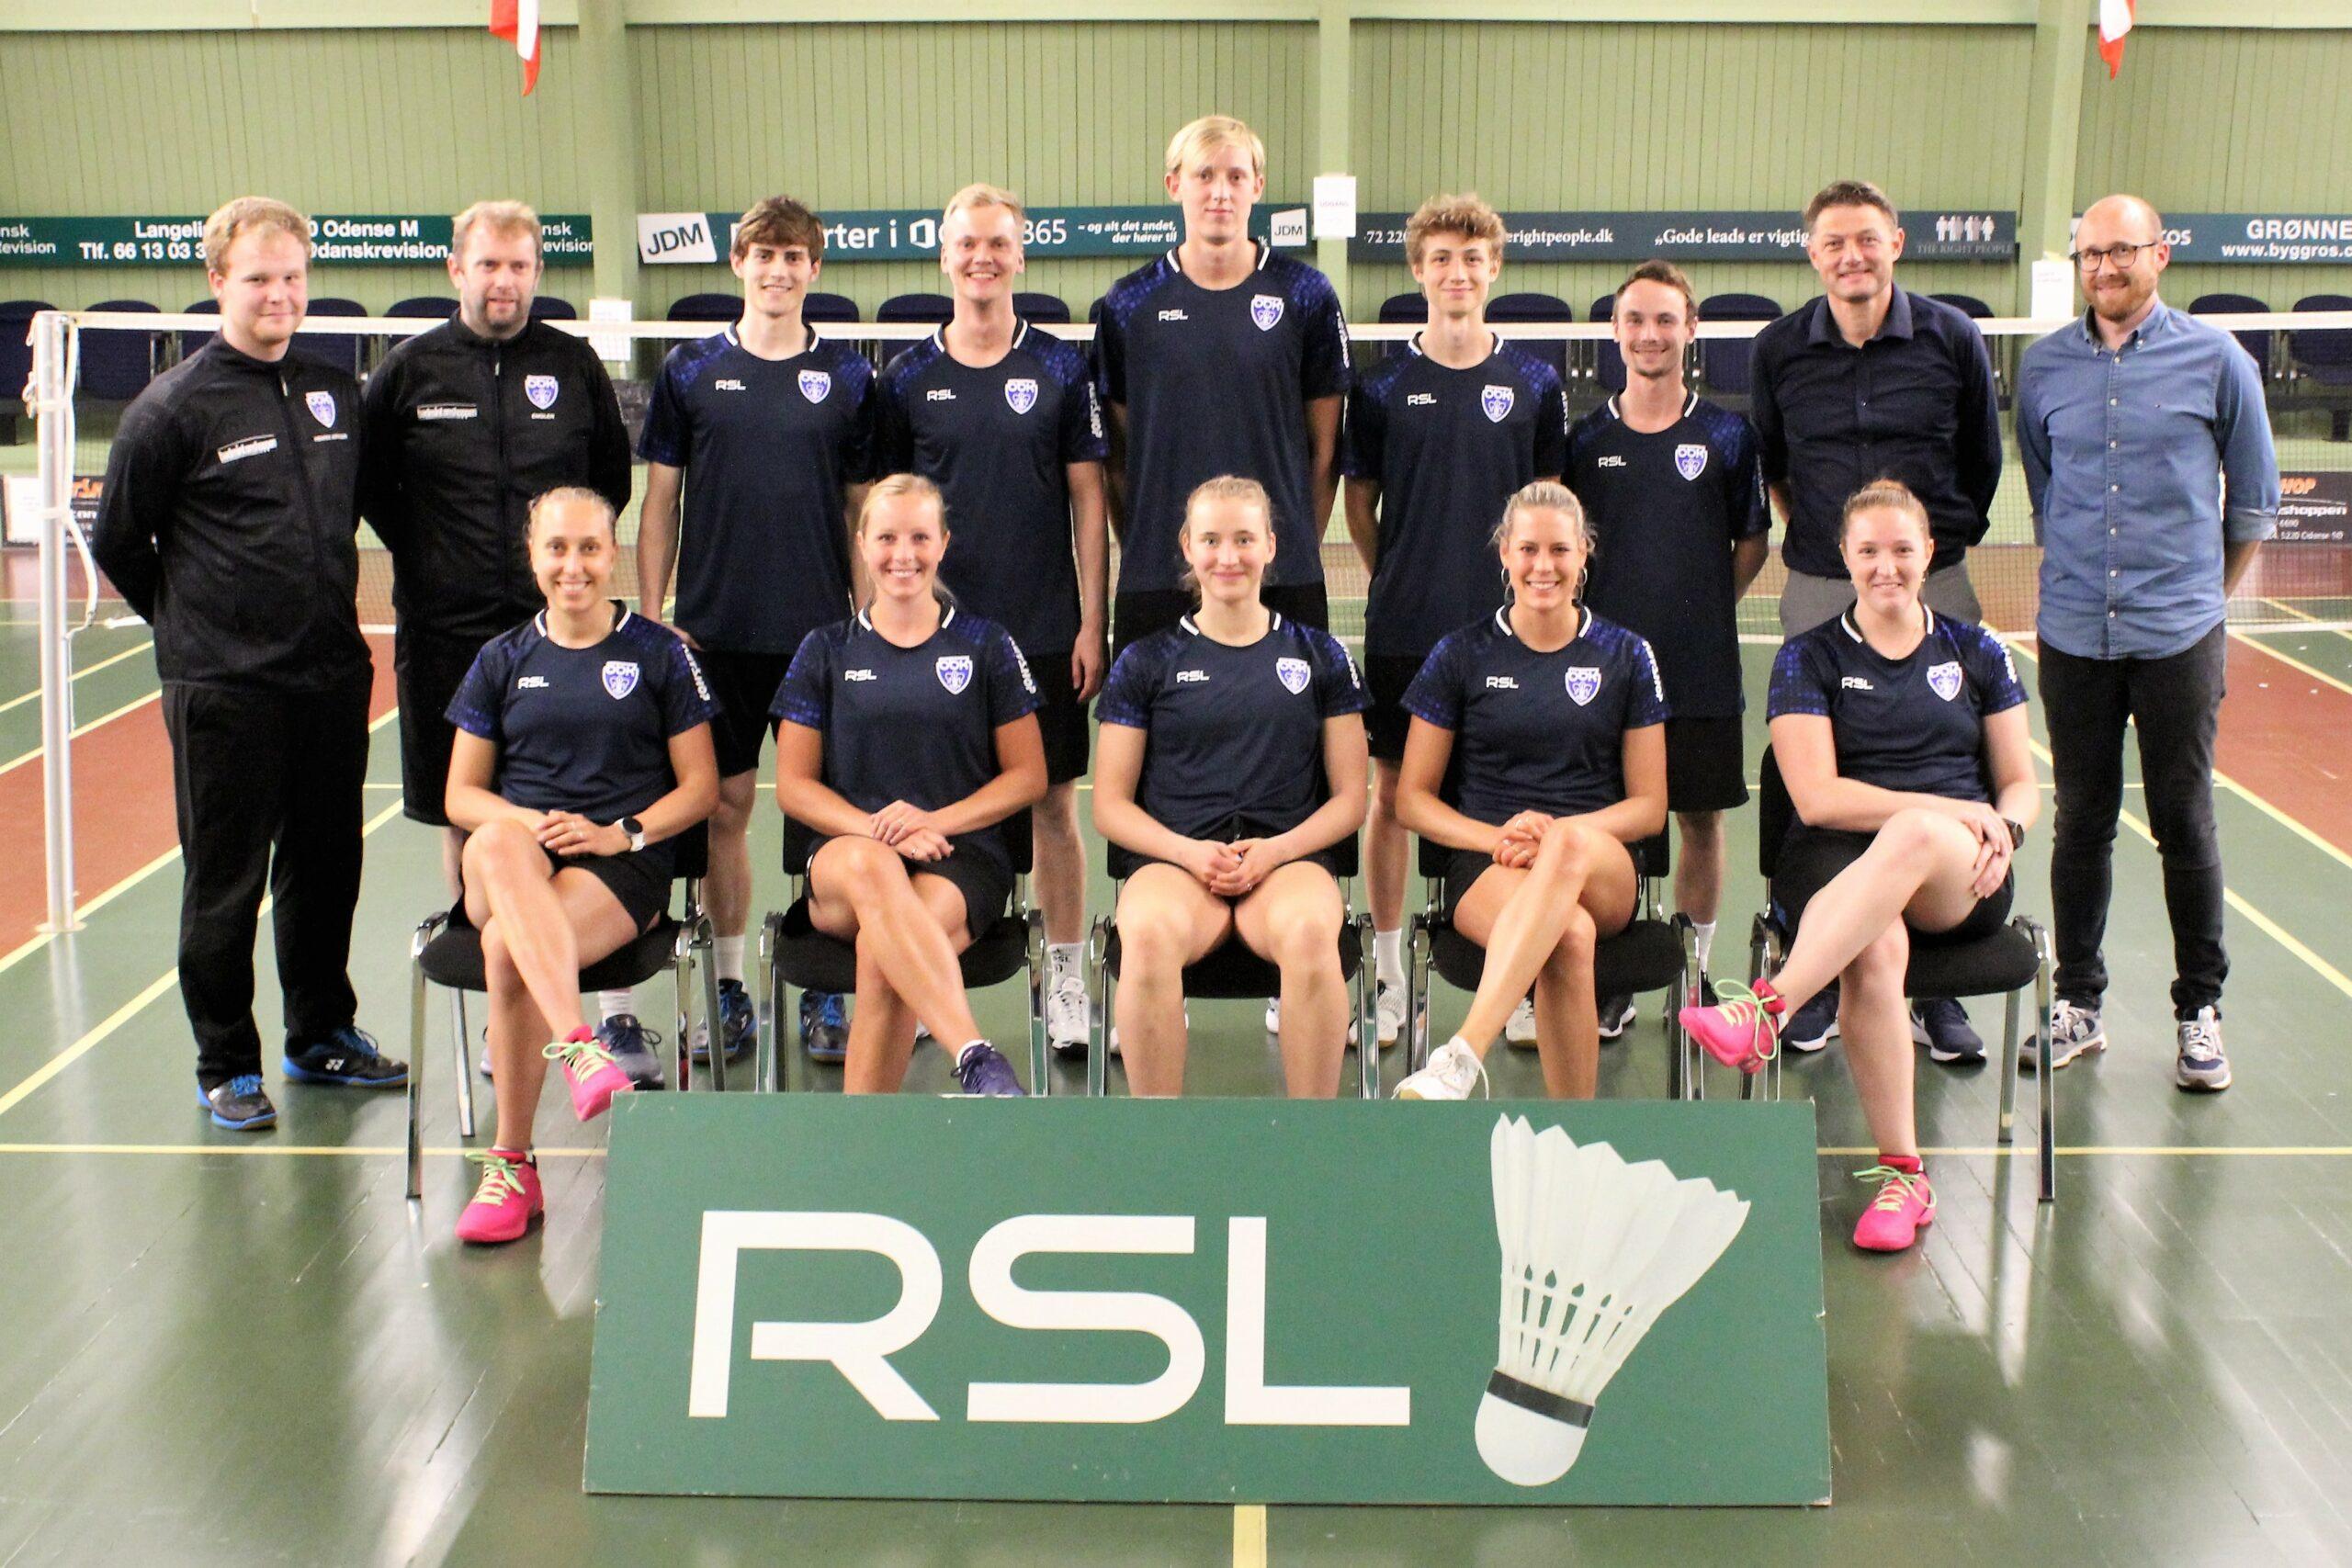 Guldvinderne gæster Odense Badminton klub